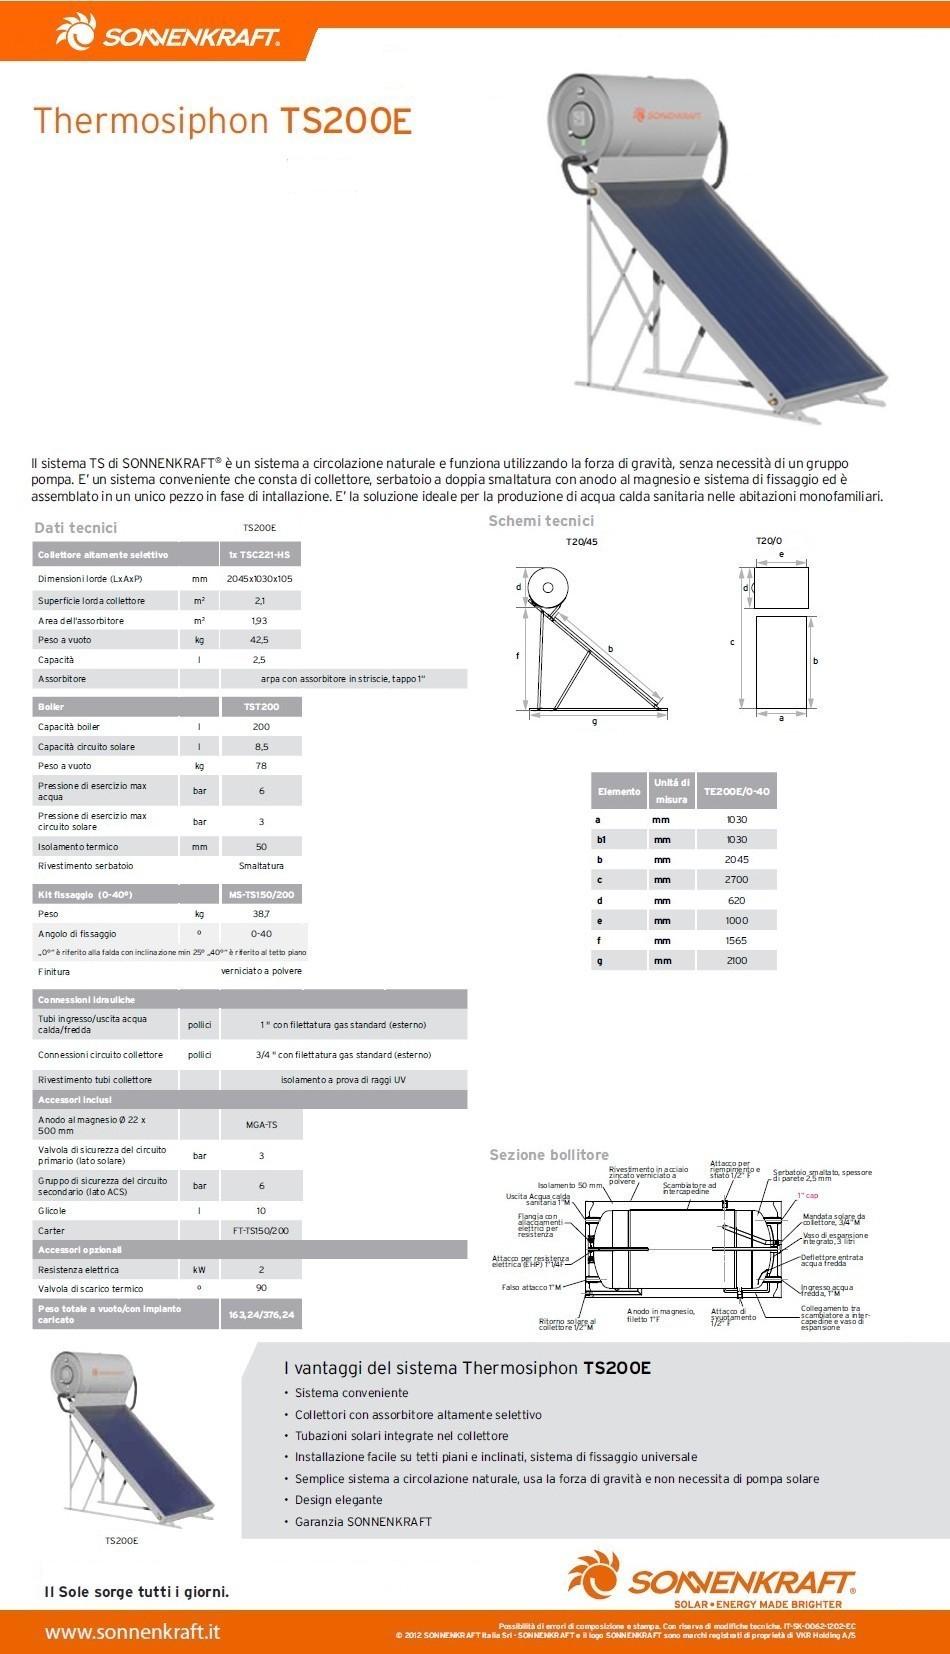 Pannello Solare Termico Sonnenkraft : Pannello solare termico circolazione naturale sonnenkraft